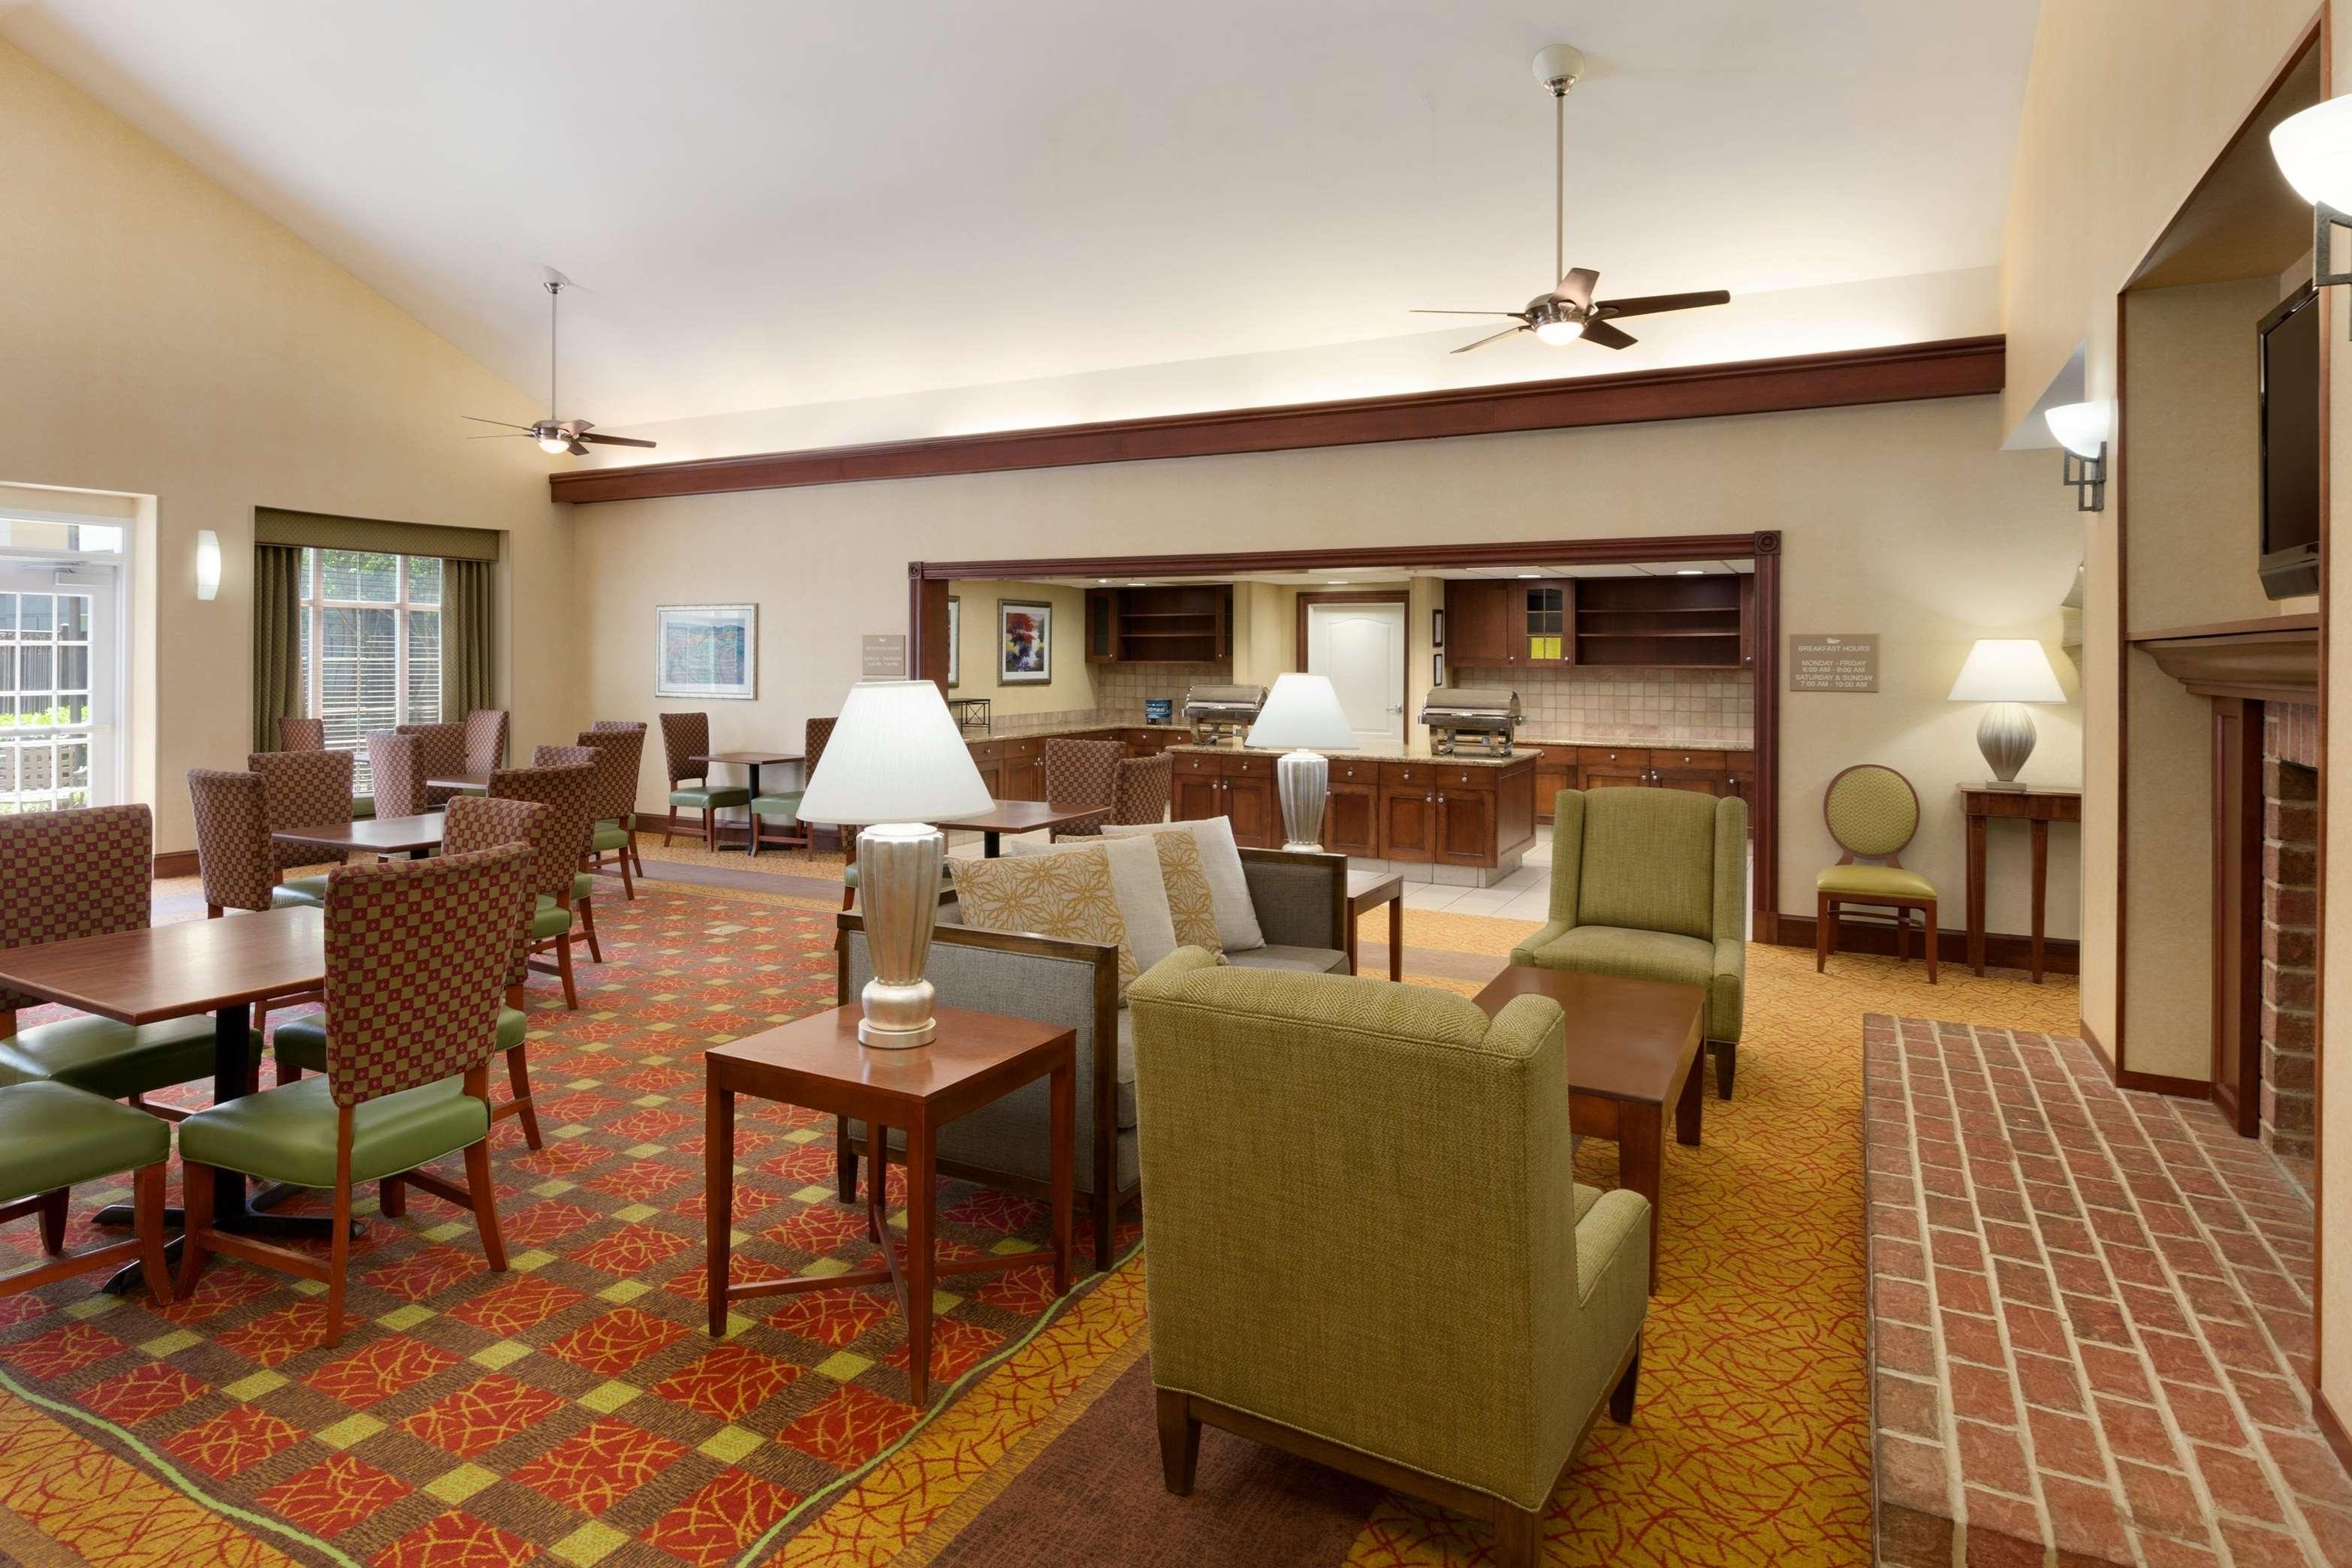 Homewood Suites by Hilton Dulles-North/Loudoun image 28